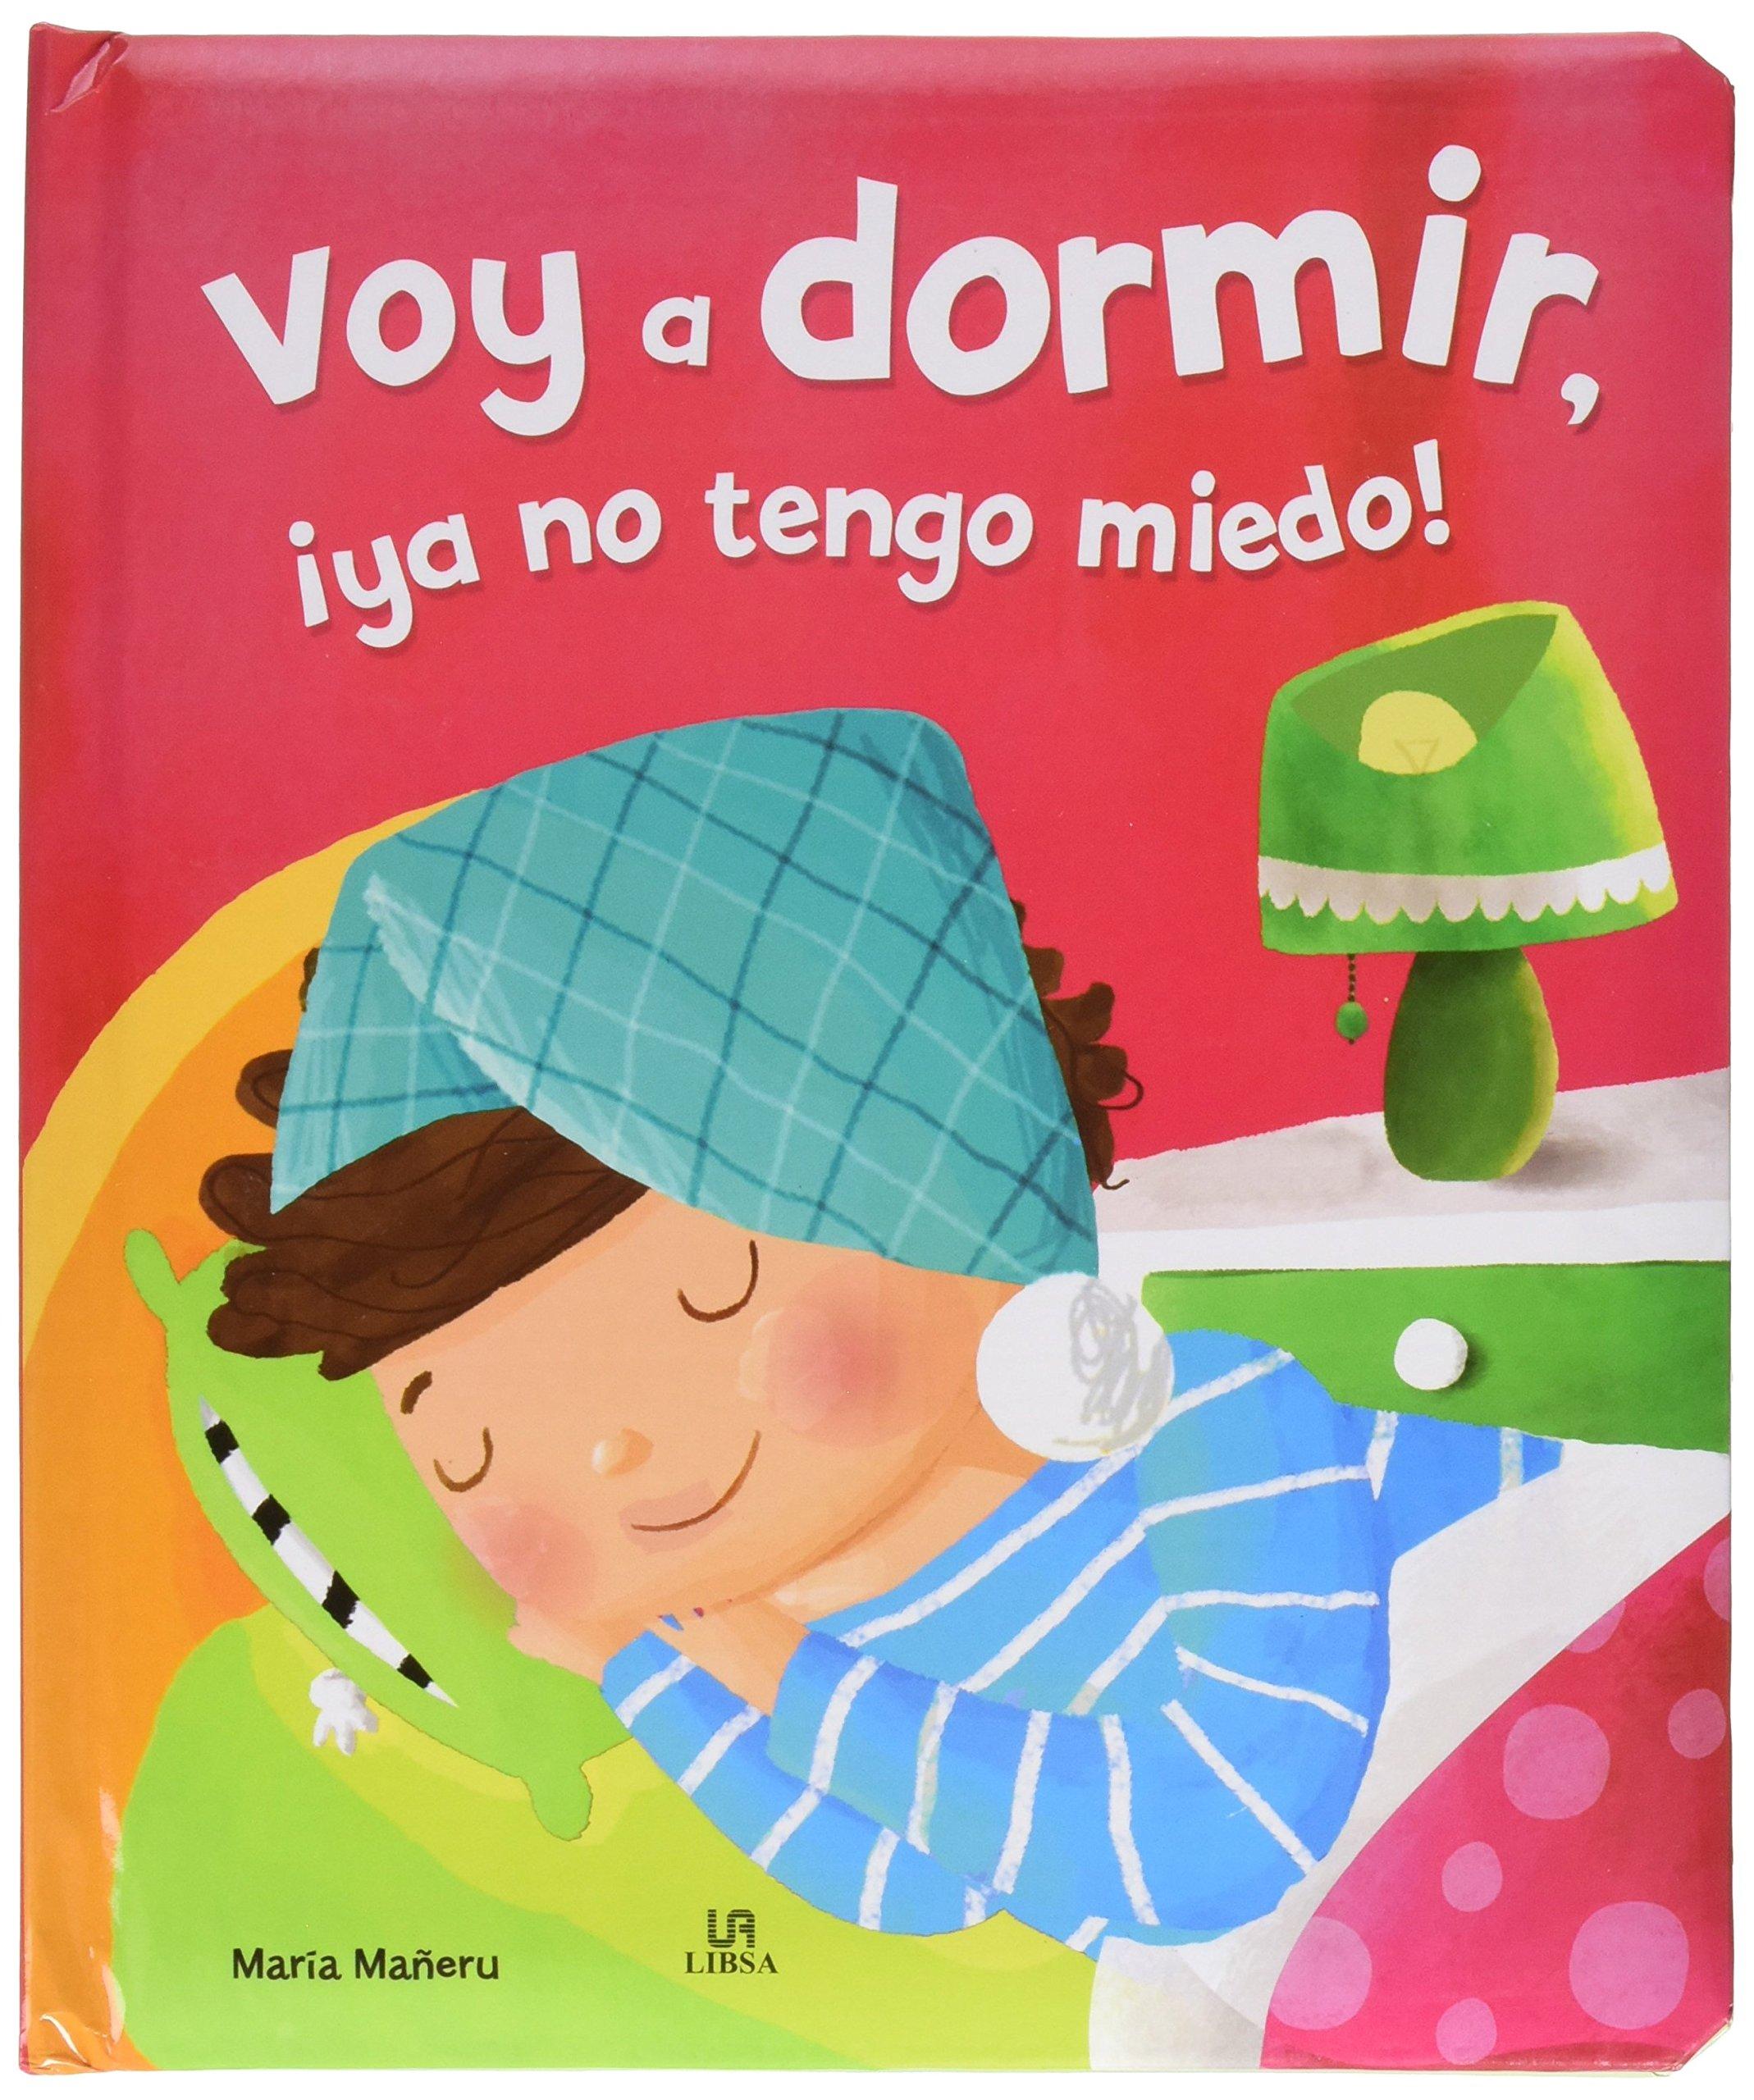 VOY A DORMIR YO NO TENGO MIEDO: Equipo Editorial ...